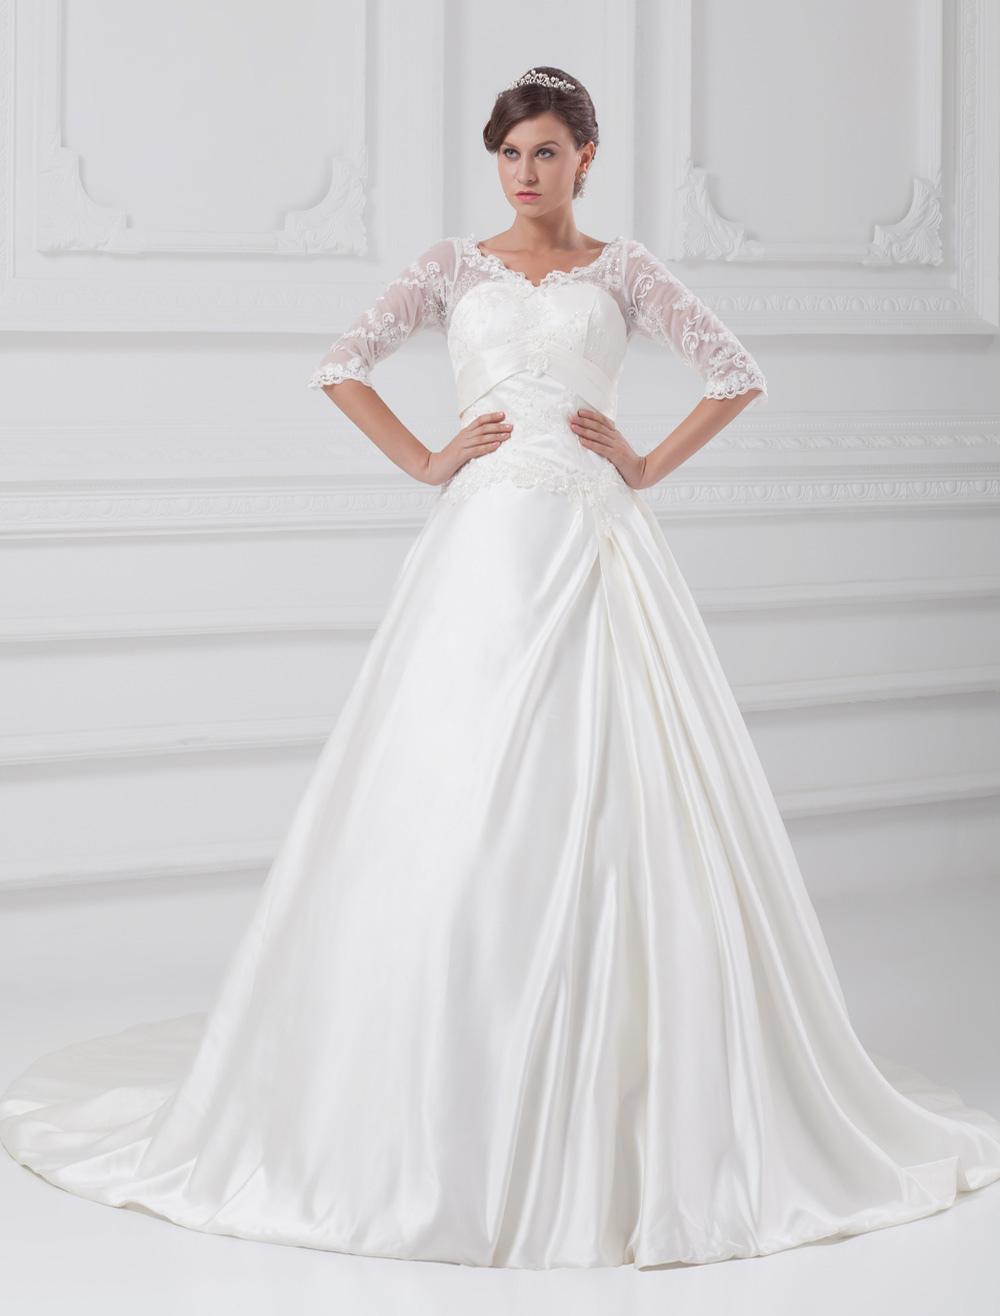 White A-line V-Neck Beading Taffeta Wedding Dress For Bride